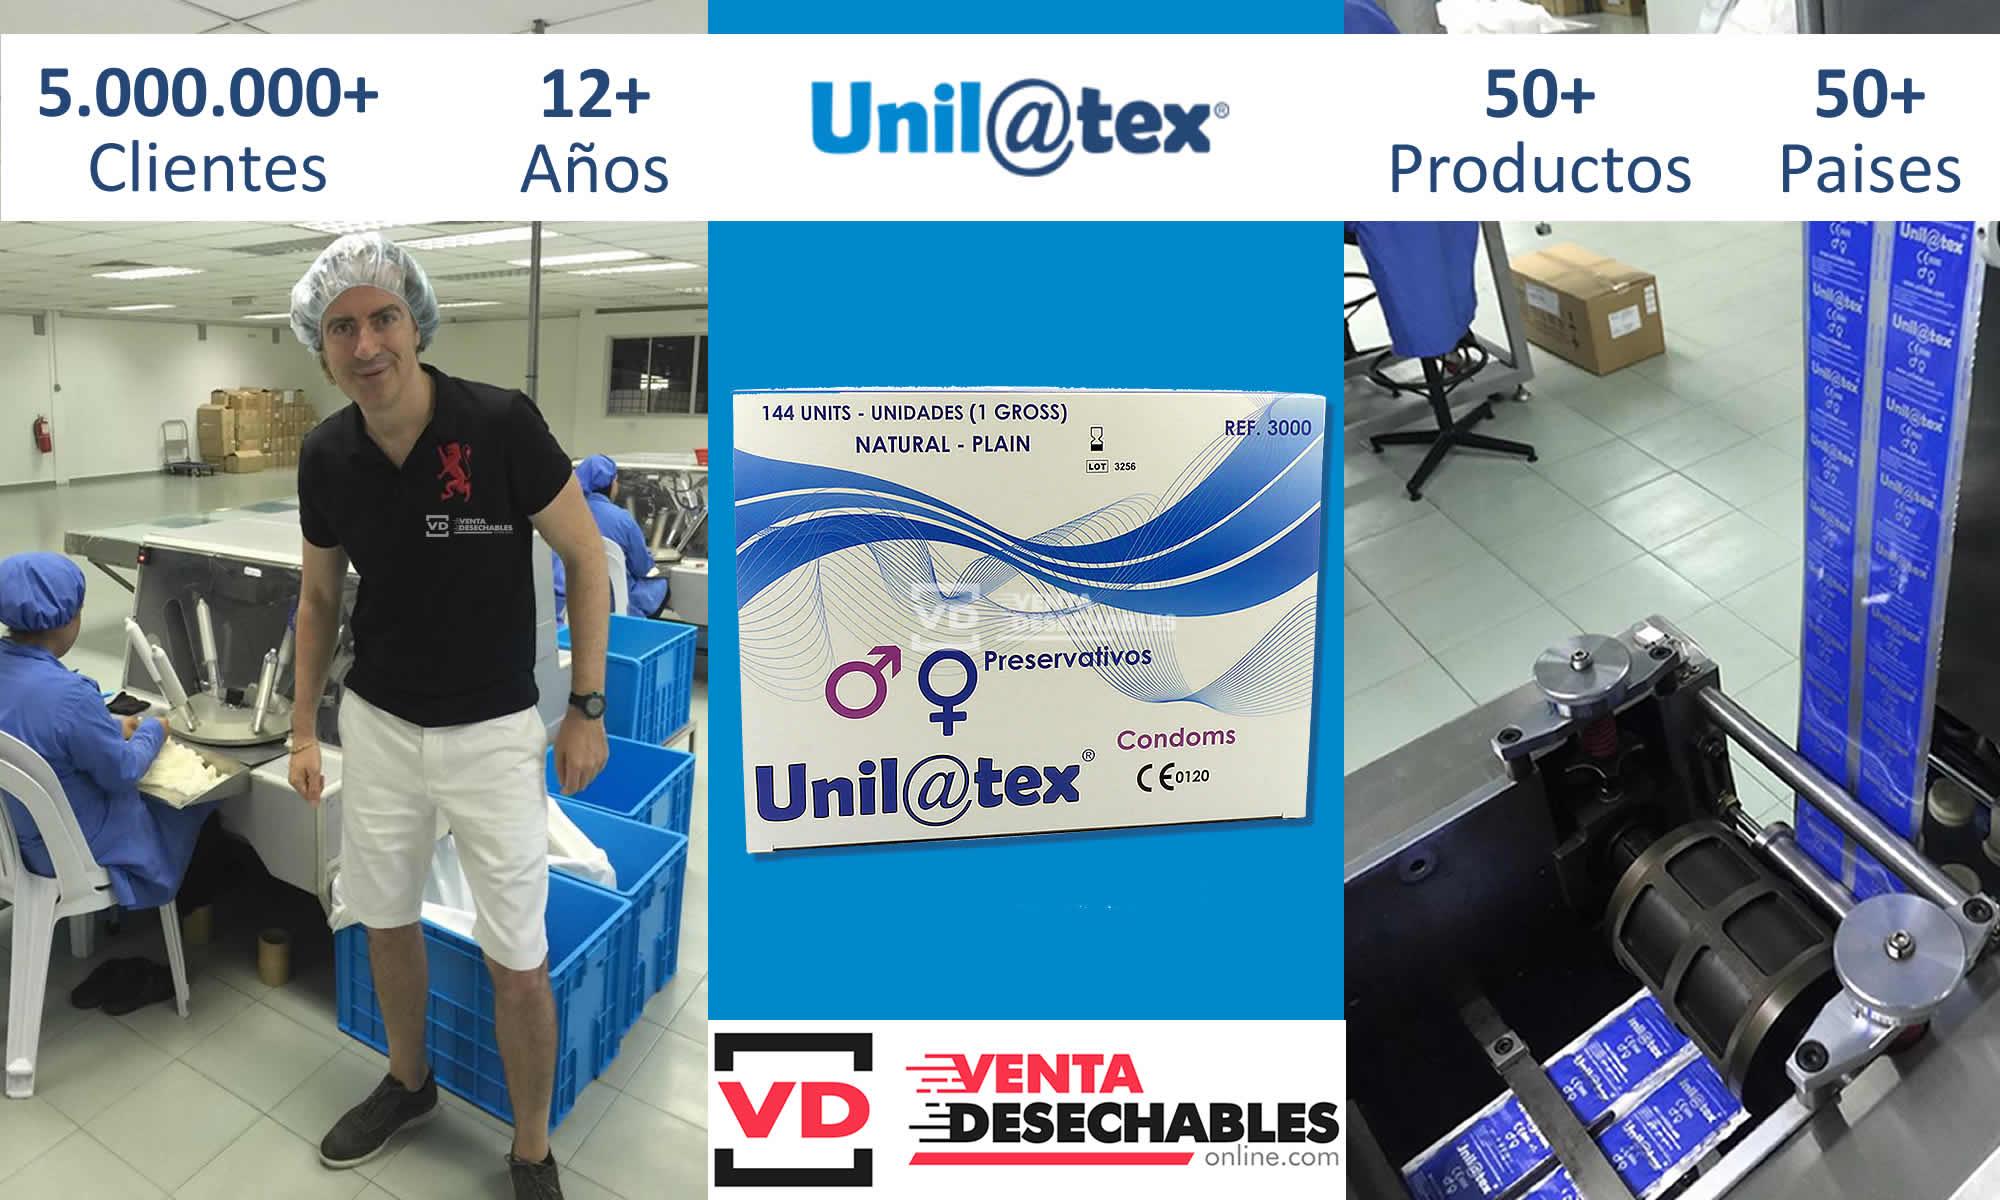 Unilatex condones